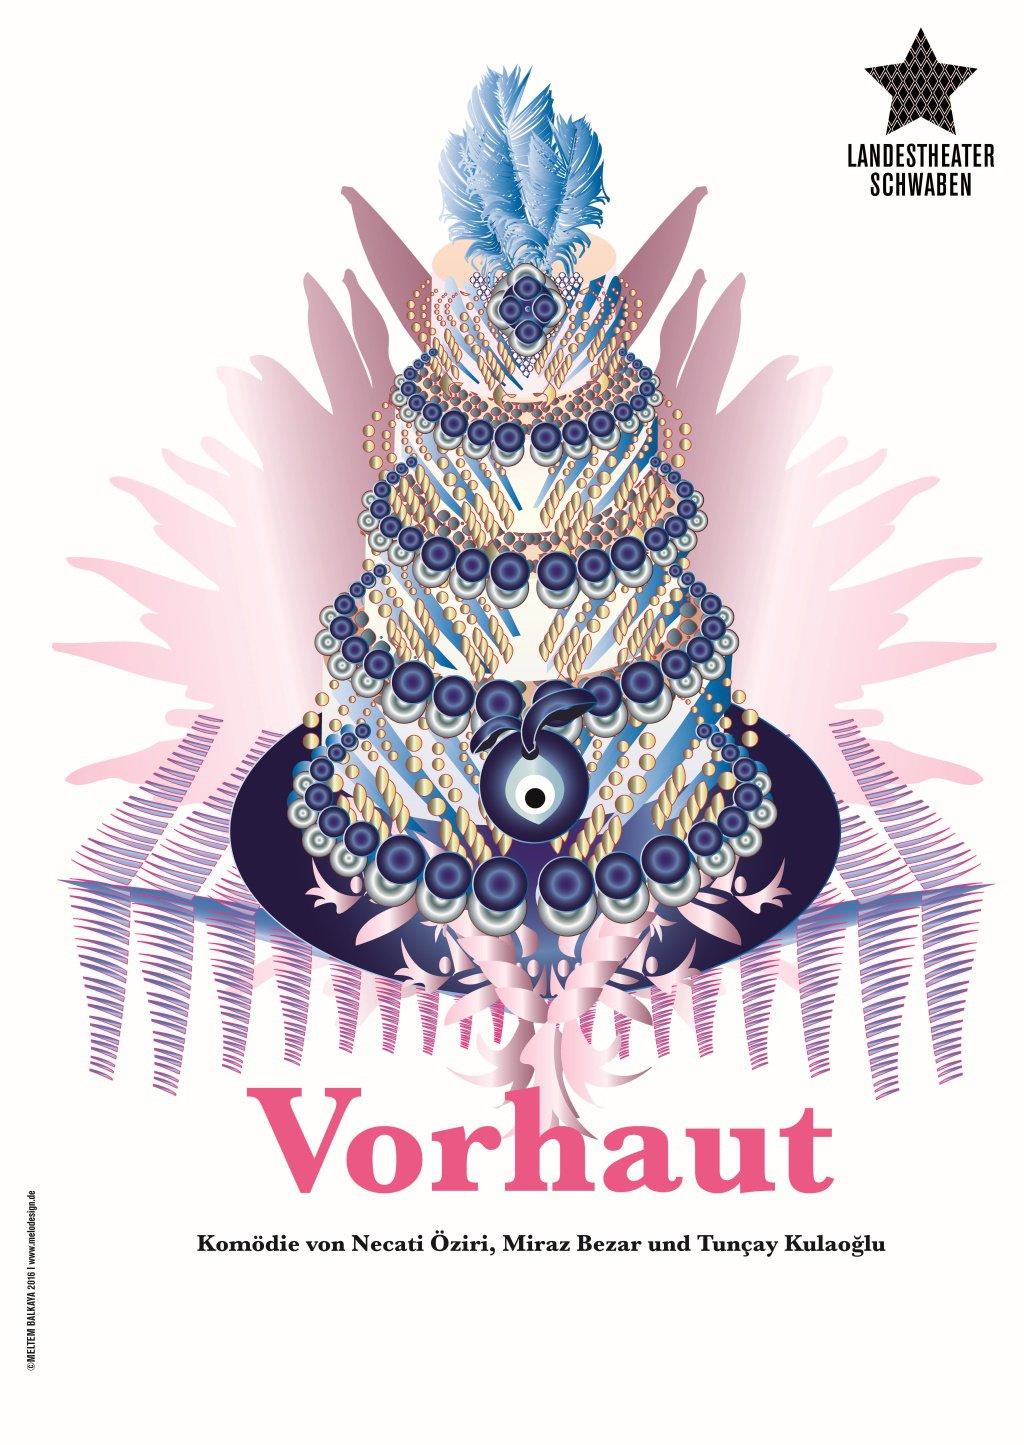 U201eVorhautu201c   Komödie Um Einen Kleinen Hautzipfel Im Großen Haus